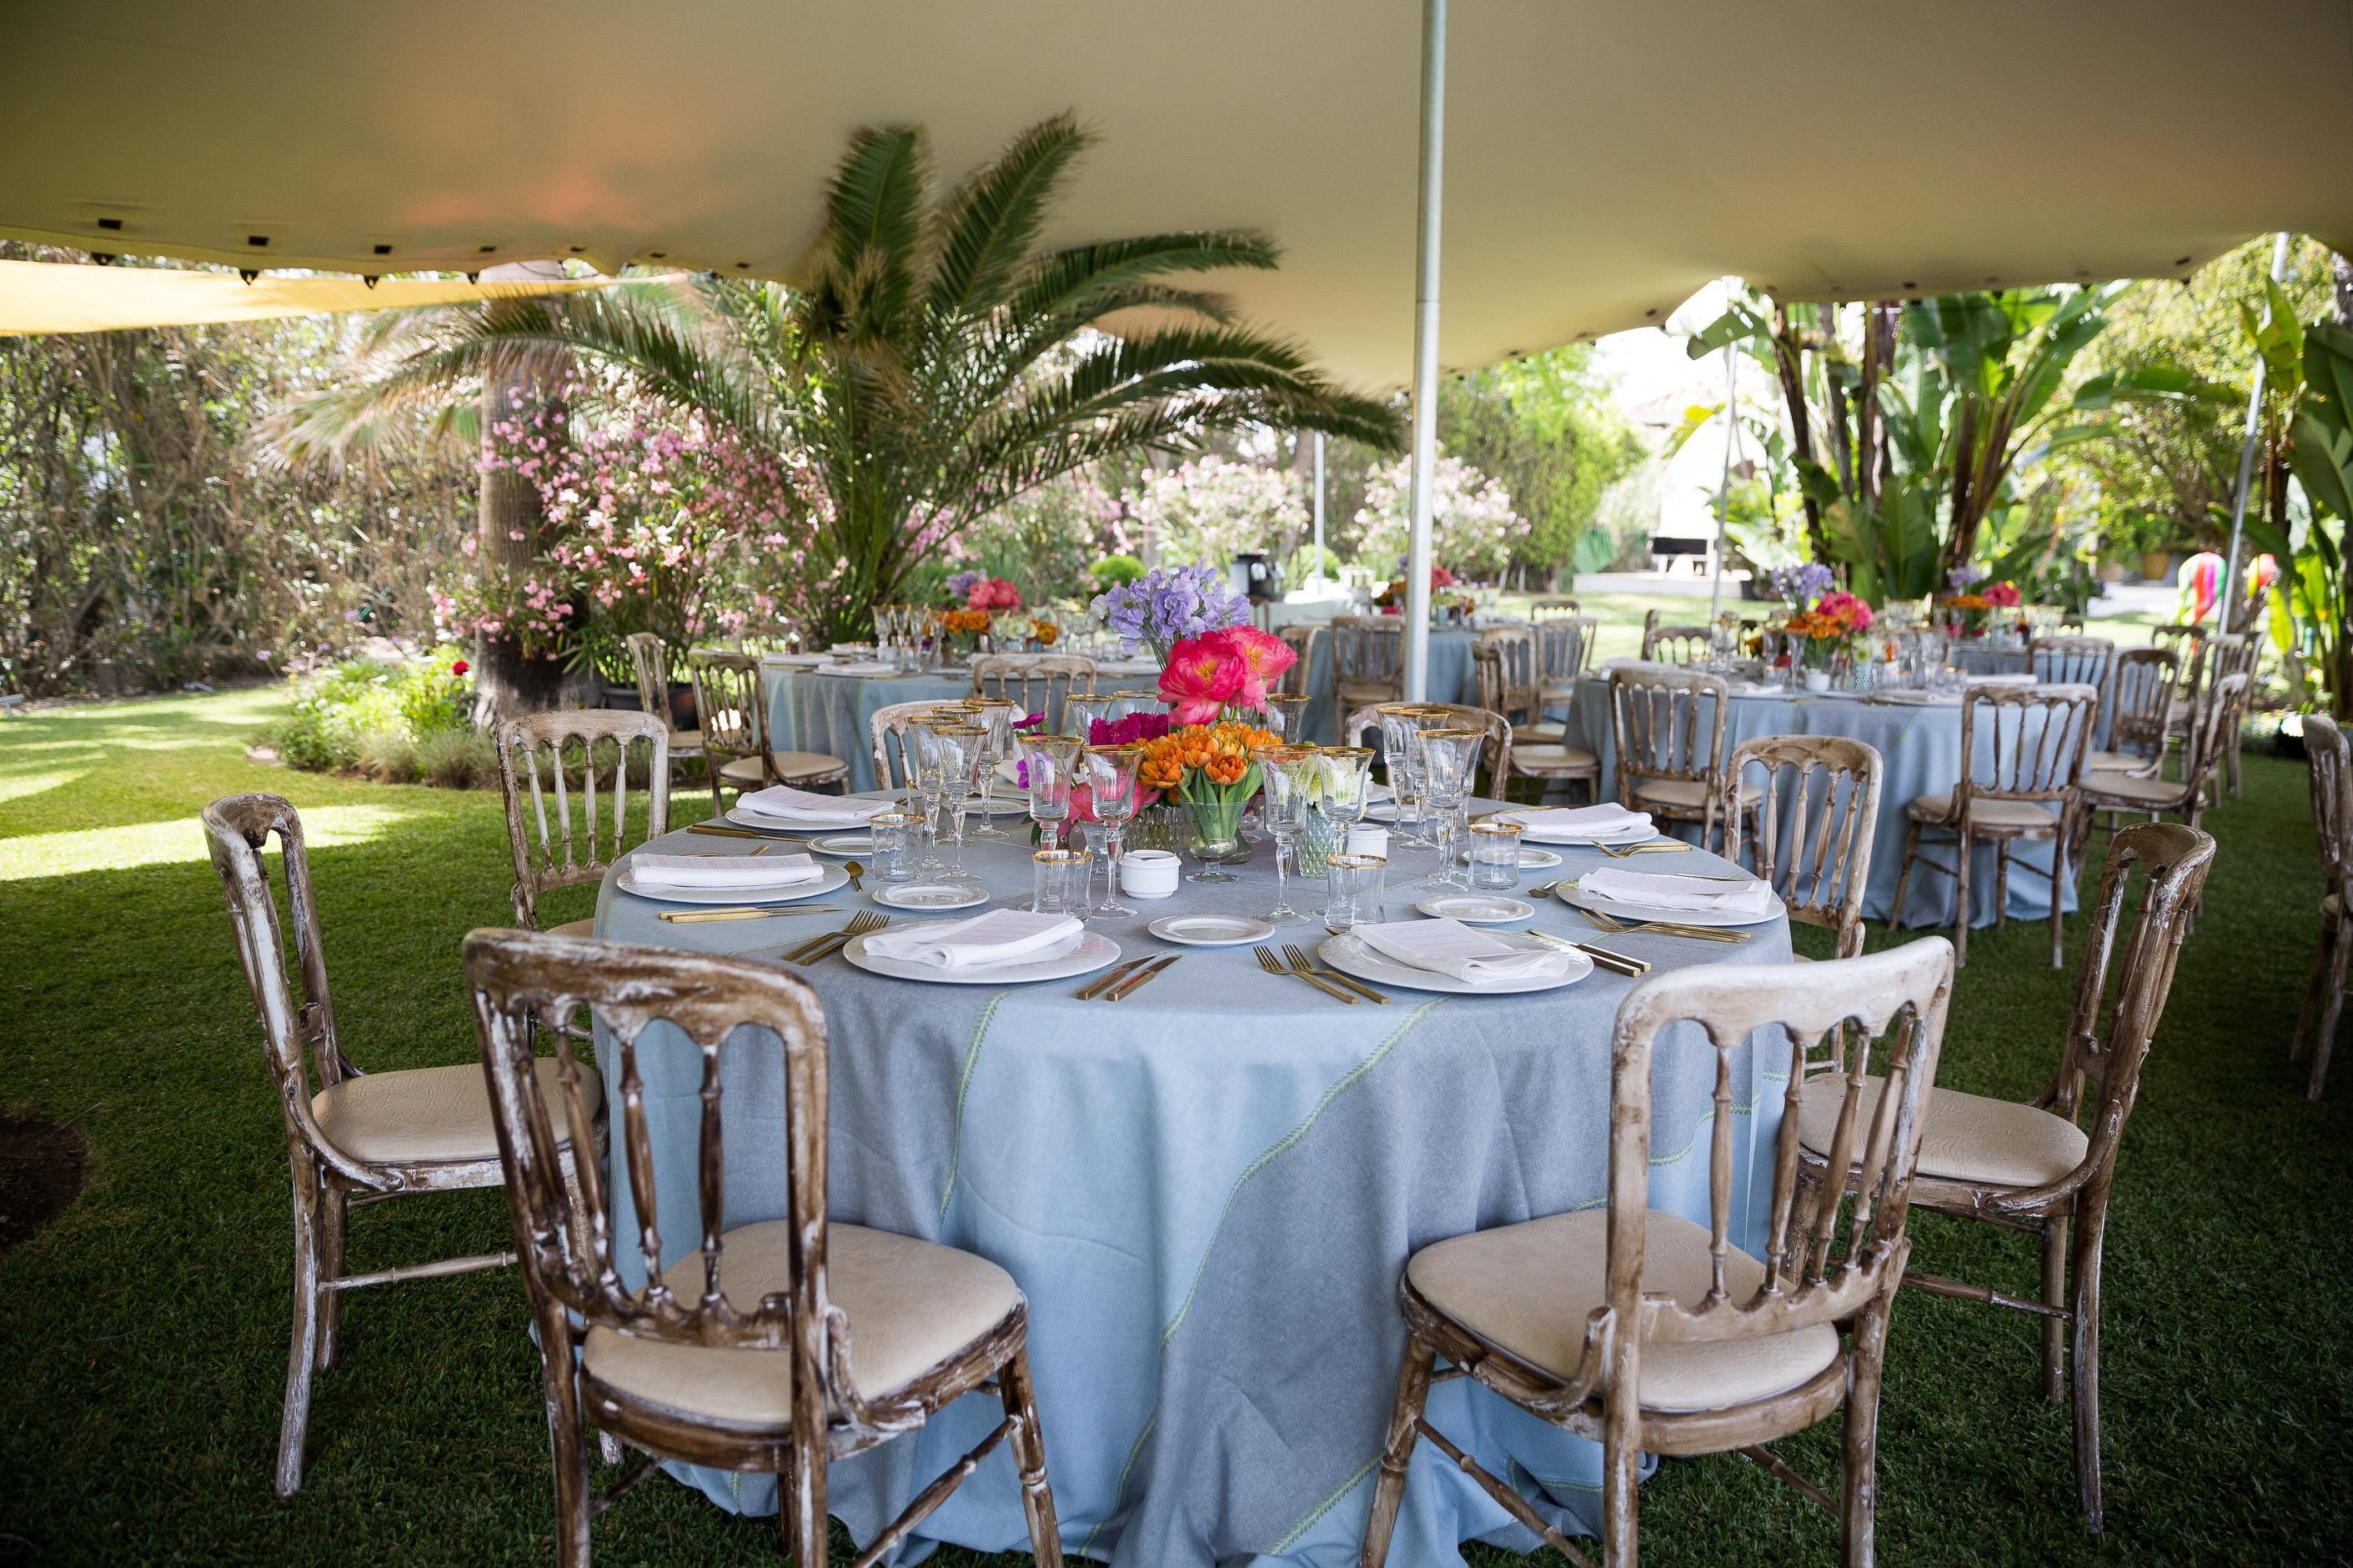 Si-Quiero-Wedding-Planners-Marbella-Isabel-Manolo-097